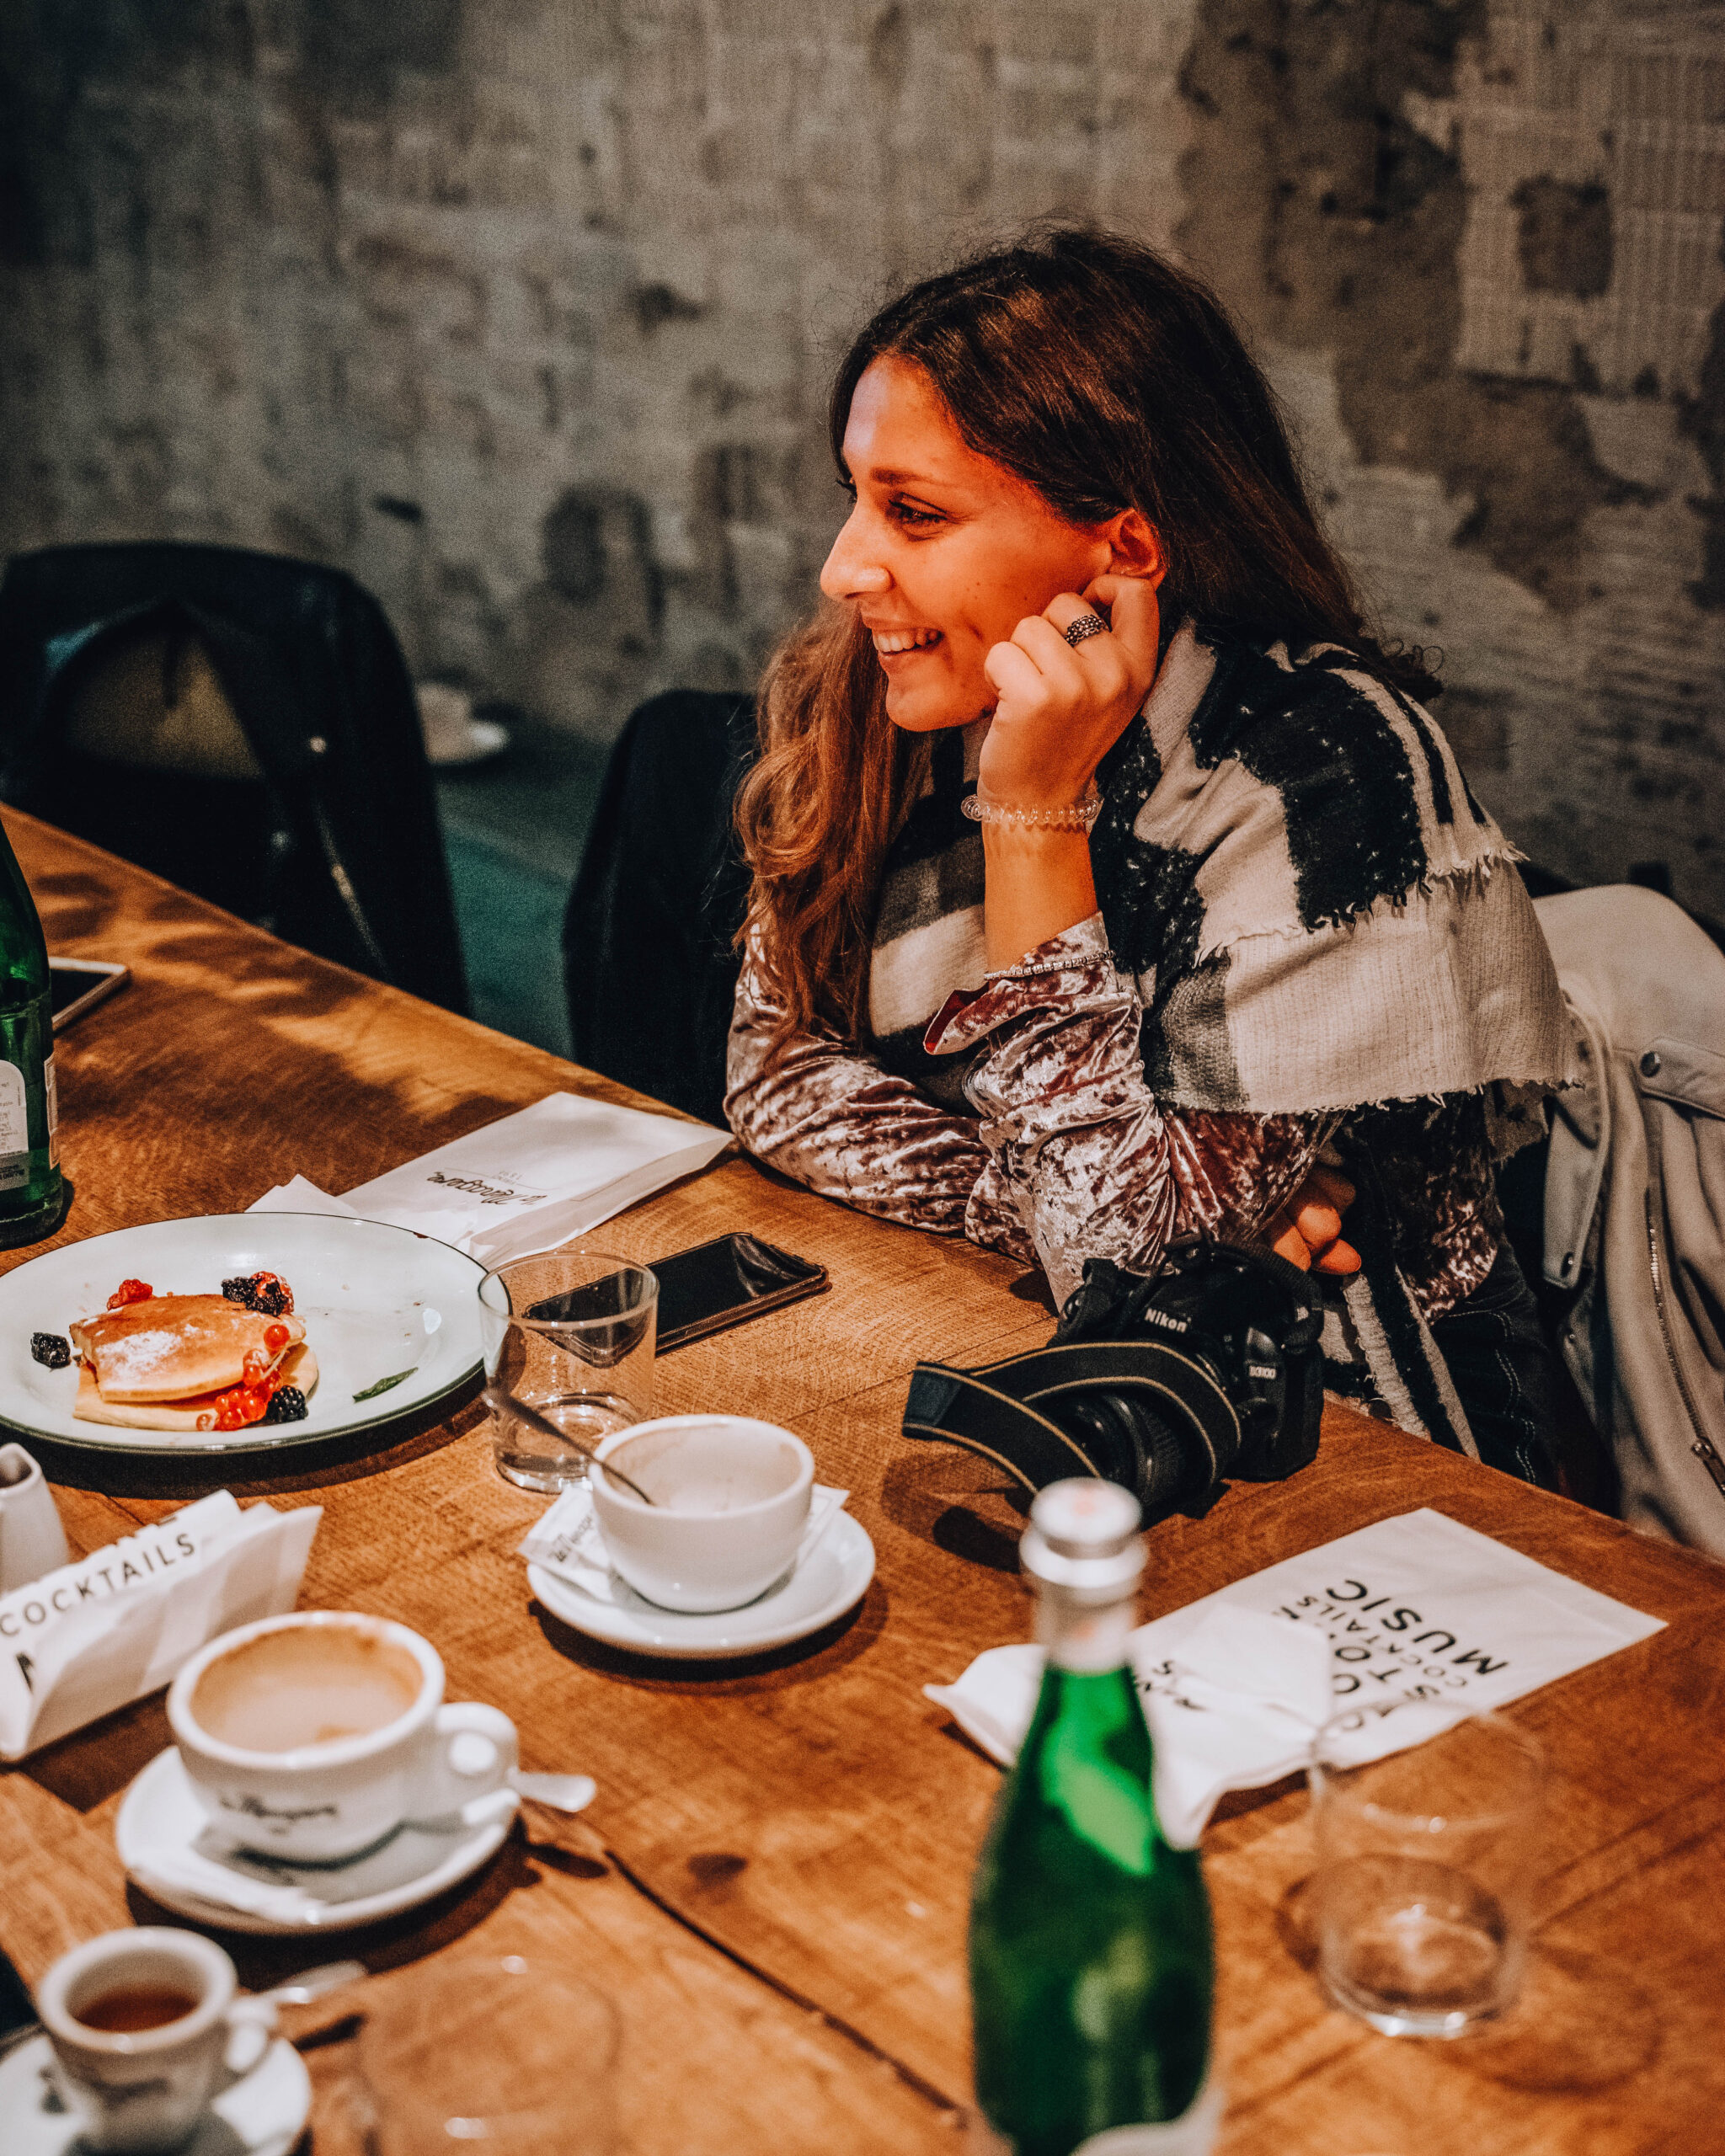 ragazza sorridente ad un tavolo in legno con piatto di pancakes